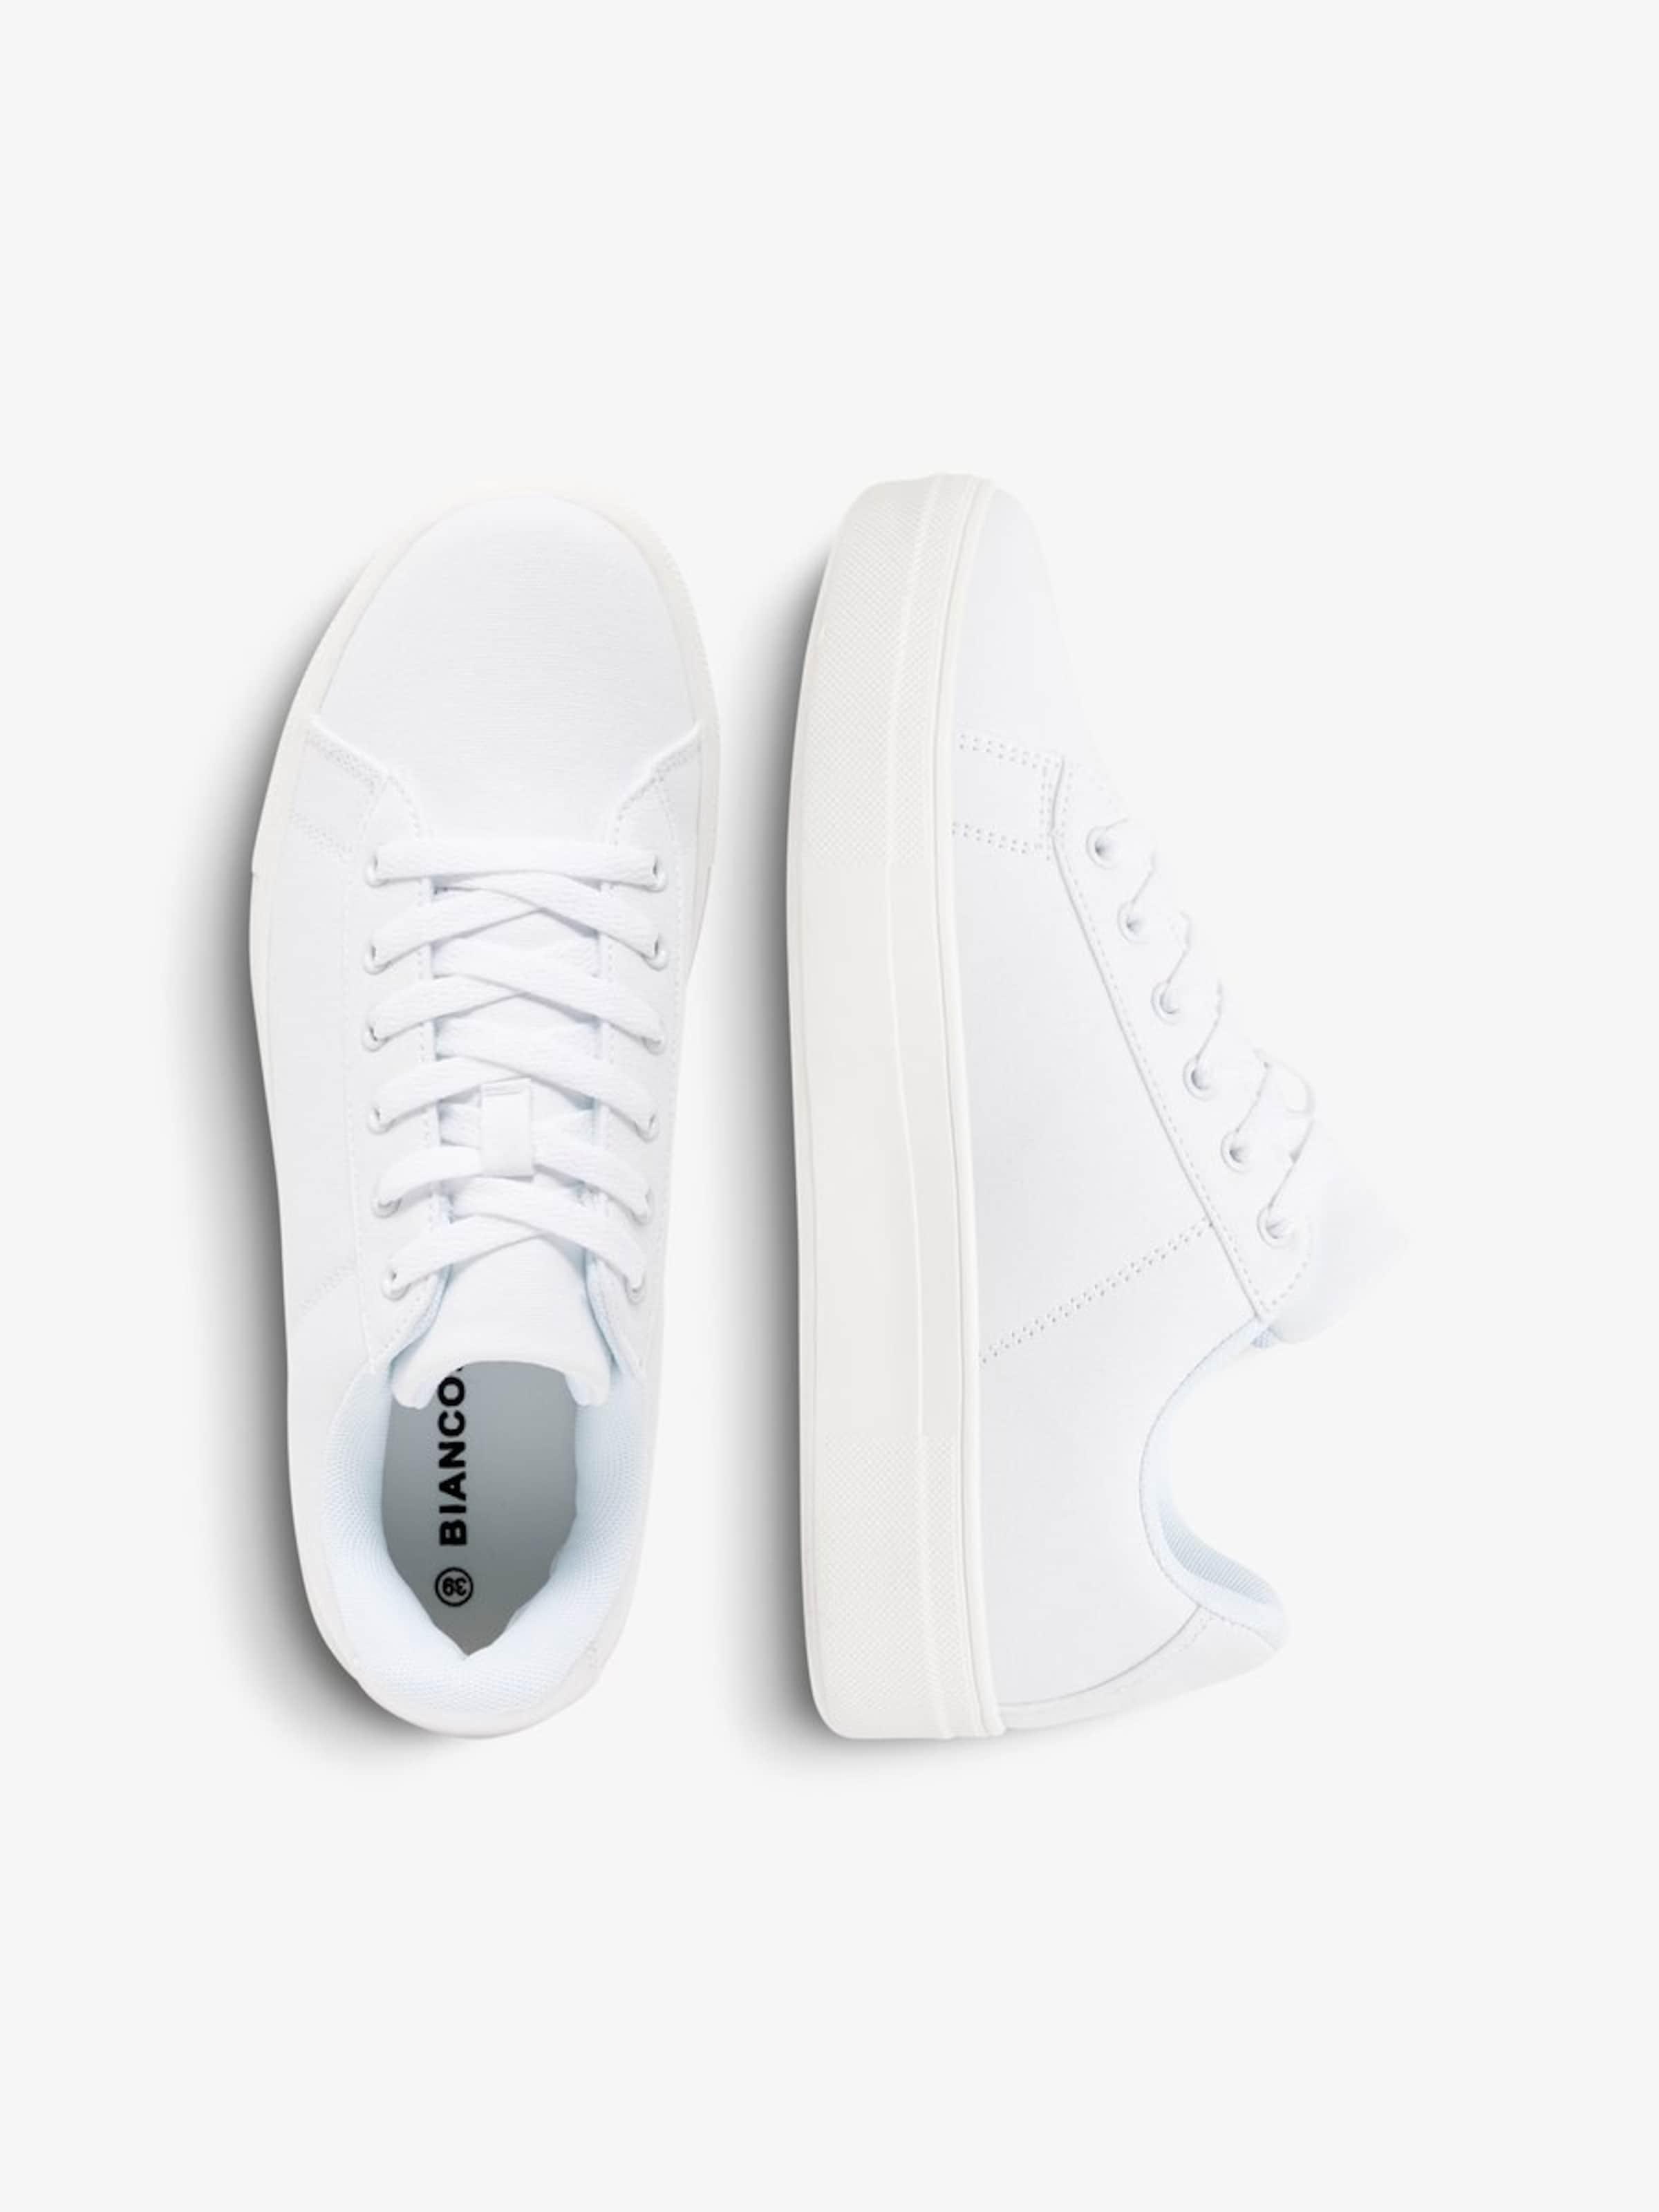 In In Sneaker 'jacquard' 'jacquard' Bianco Bianco Sneaker Bianco Weiß Weiß Sneaker mOyNn0wv8